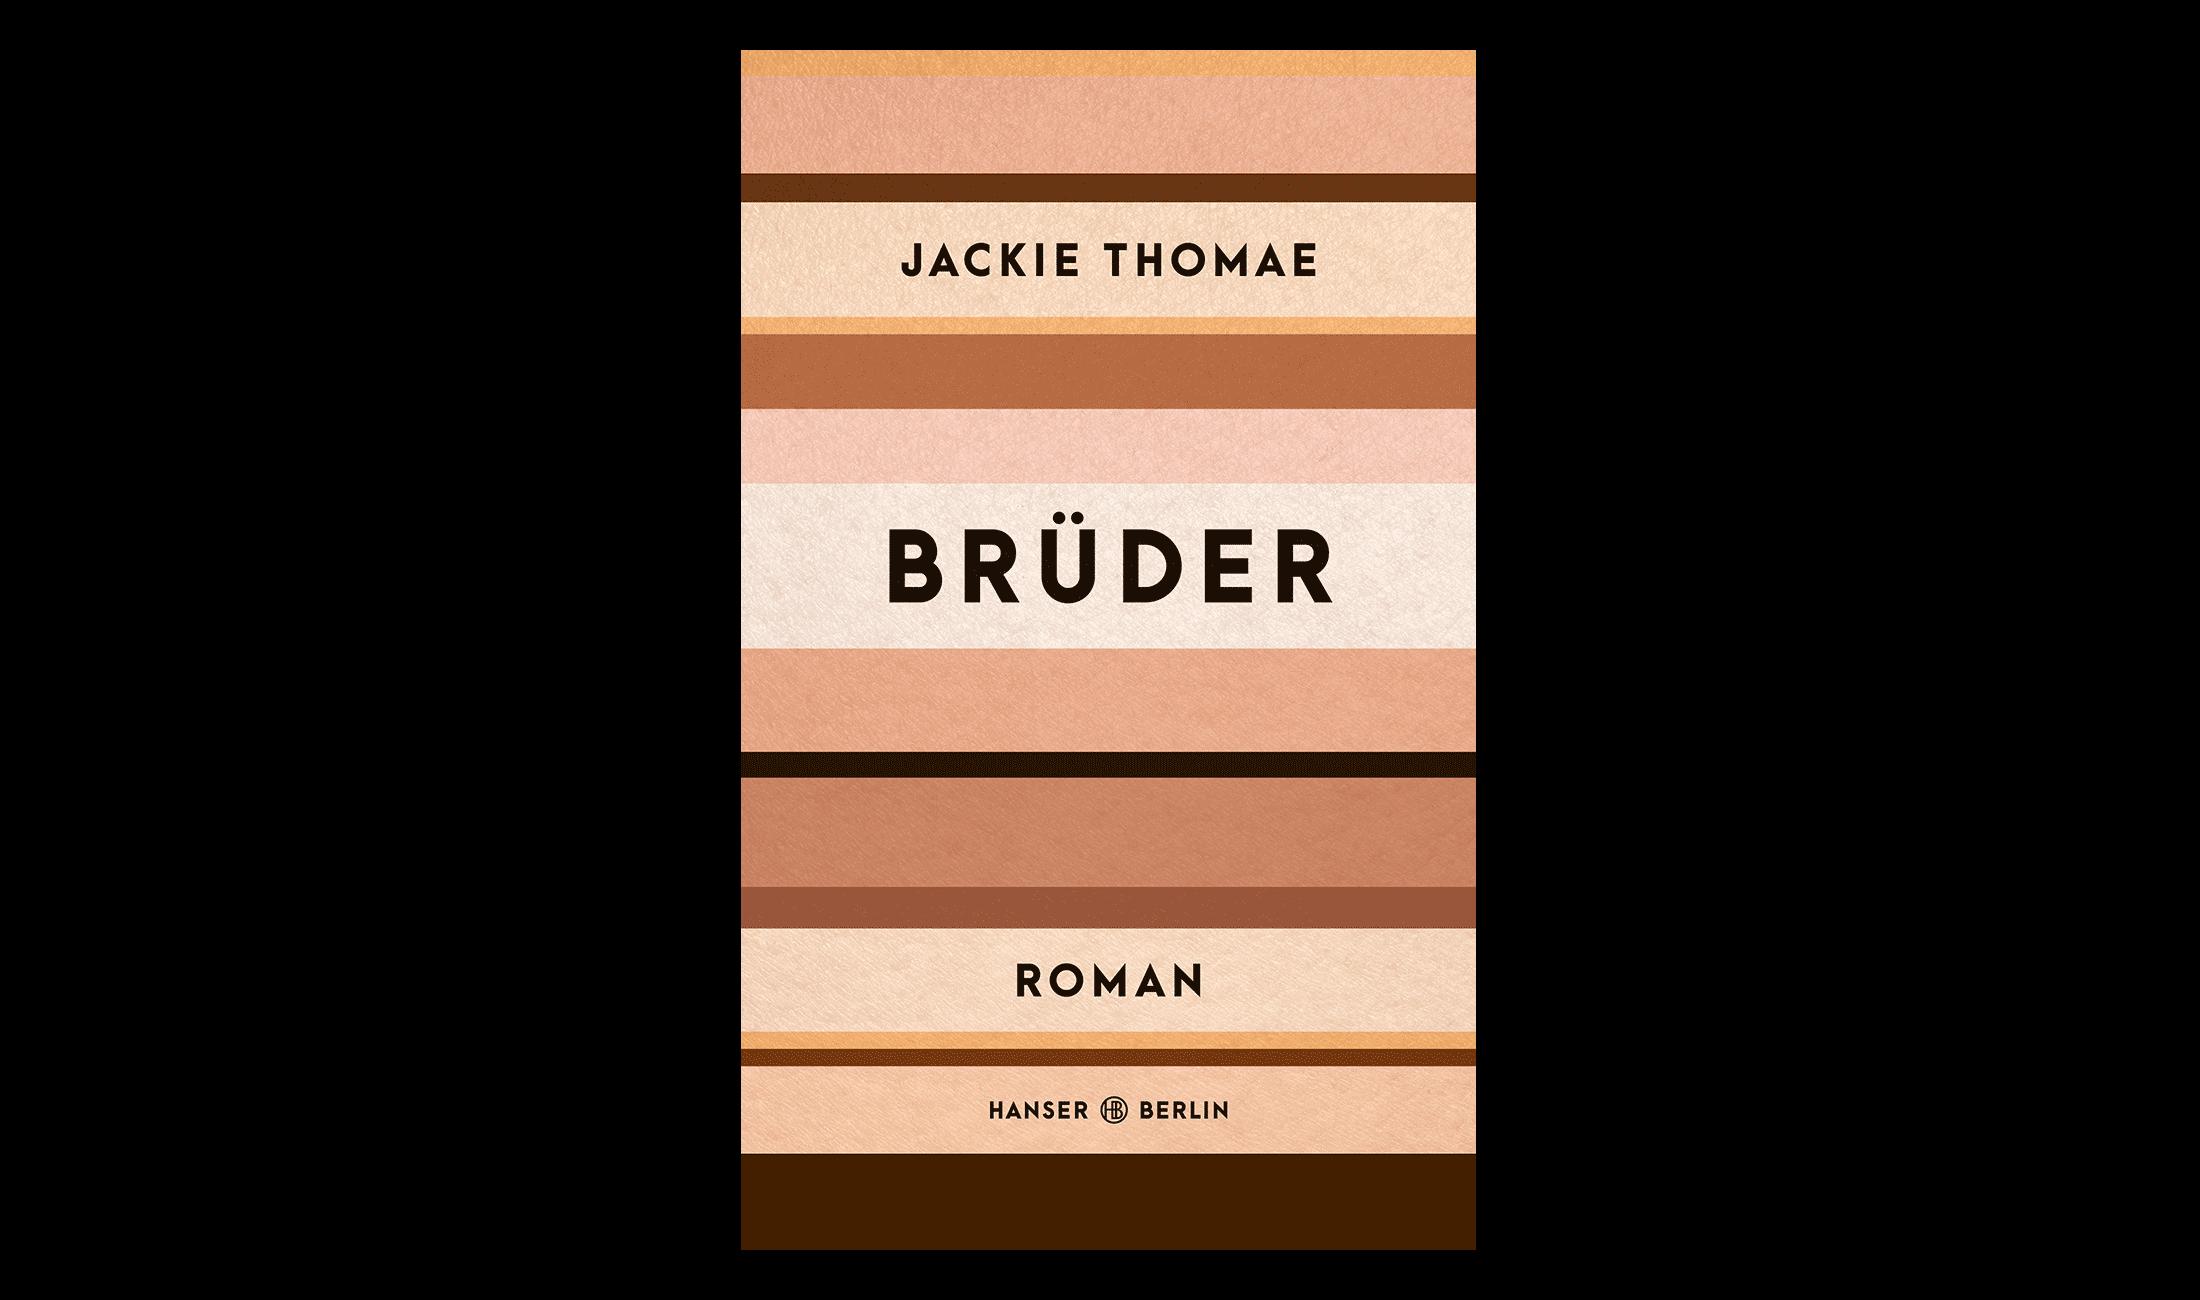 Techno ROman: Brüder (2019) von Jackie Thomae.